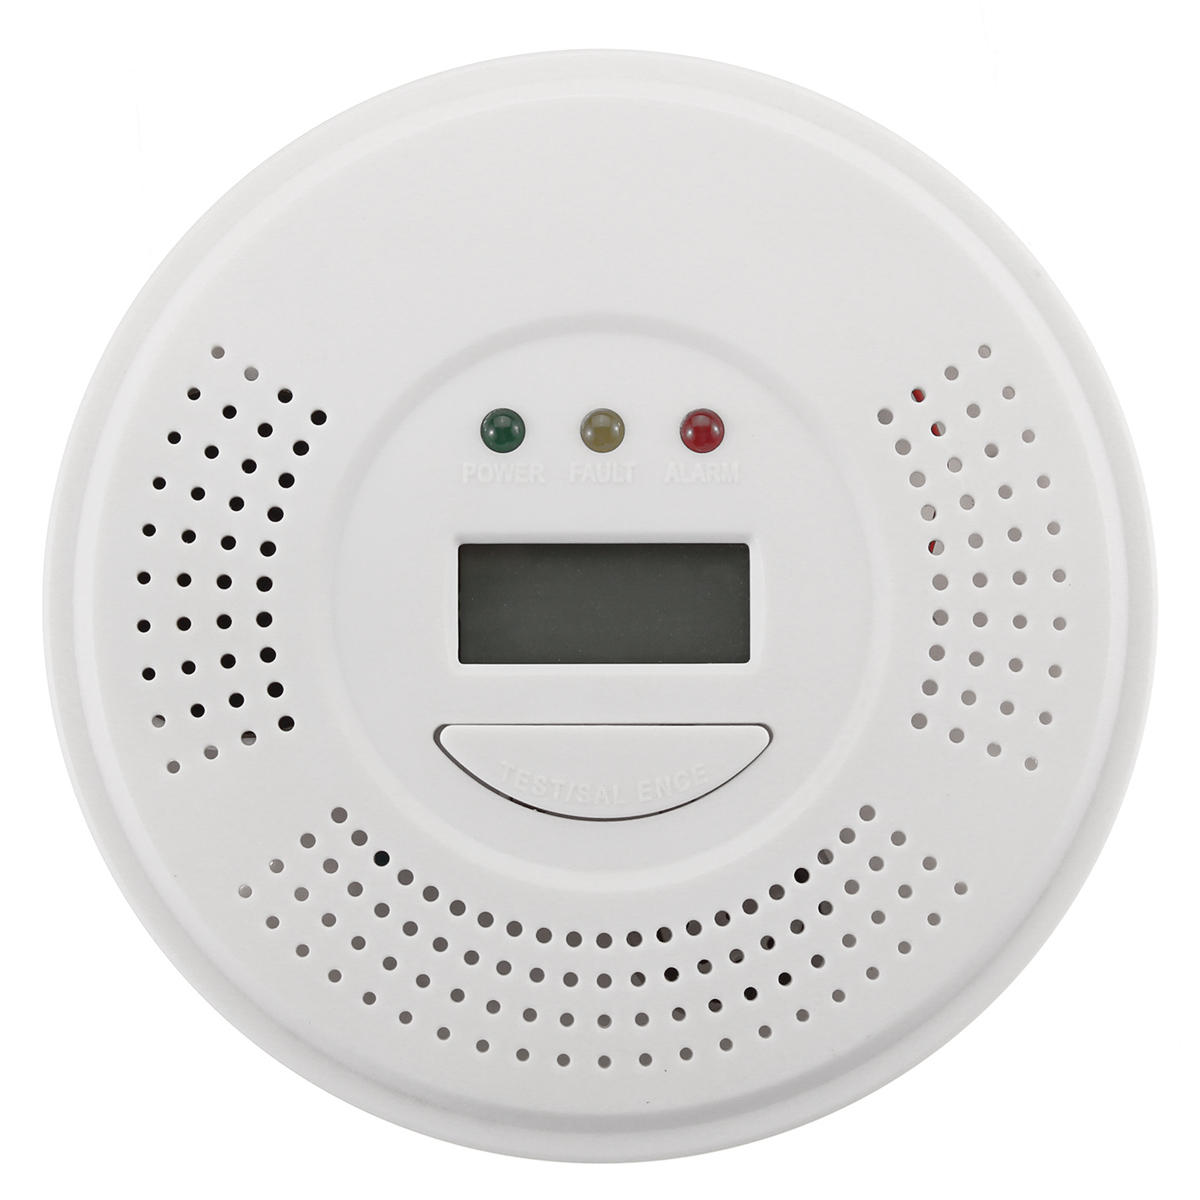 Audio Rilevatore di Monossido Di Carbonio CO Avvelenamento Da Gas di Fumo del Fuoco Allarme di Avvertimento Monitor del Sensore di Cucina di Casa